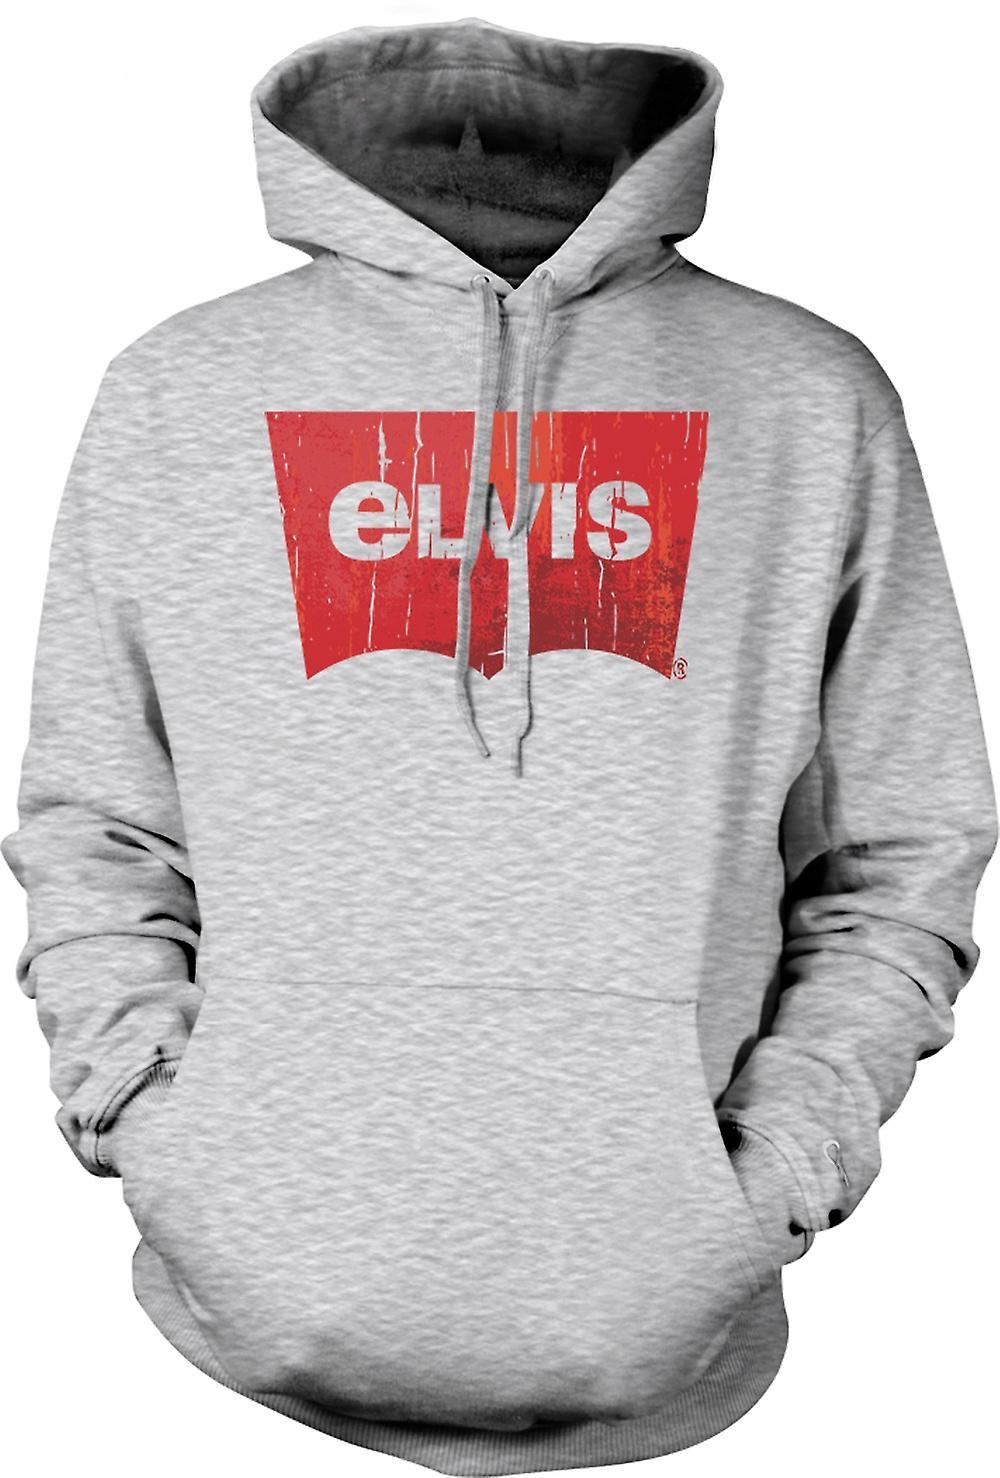 Mens Hoodie - Elvis - Levis Inspired